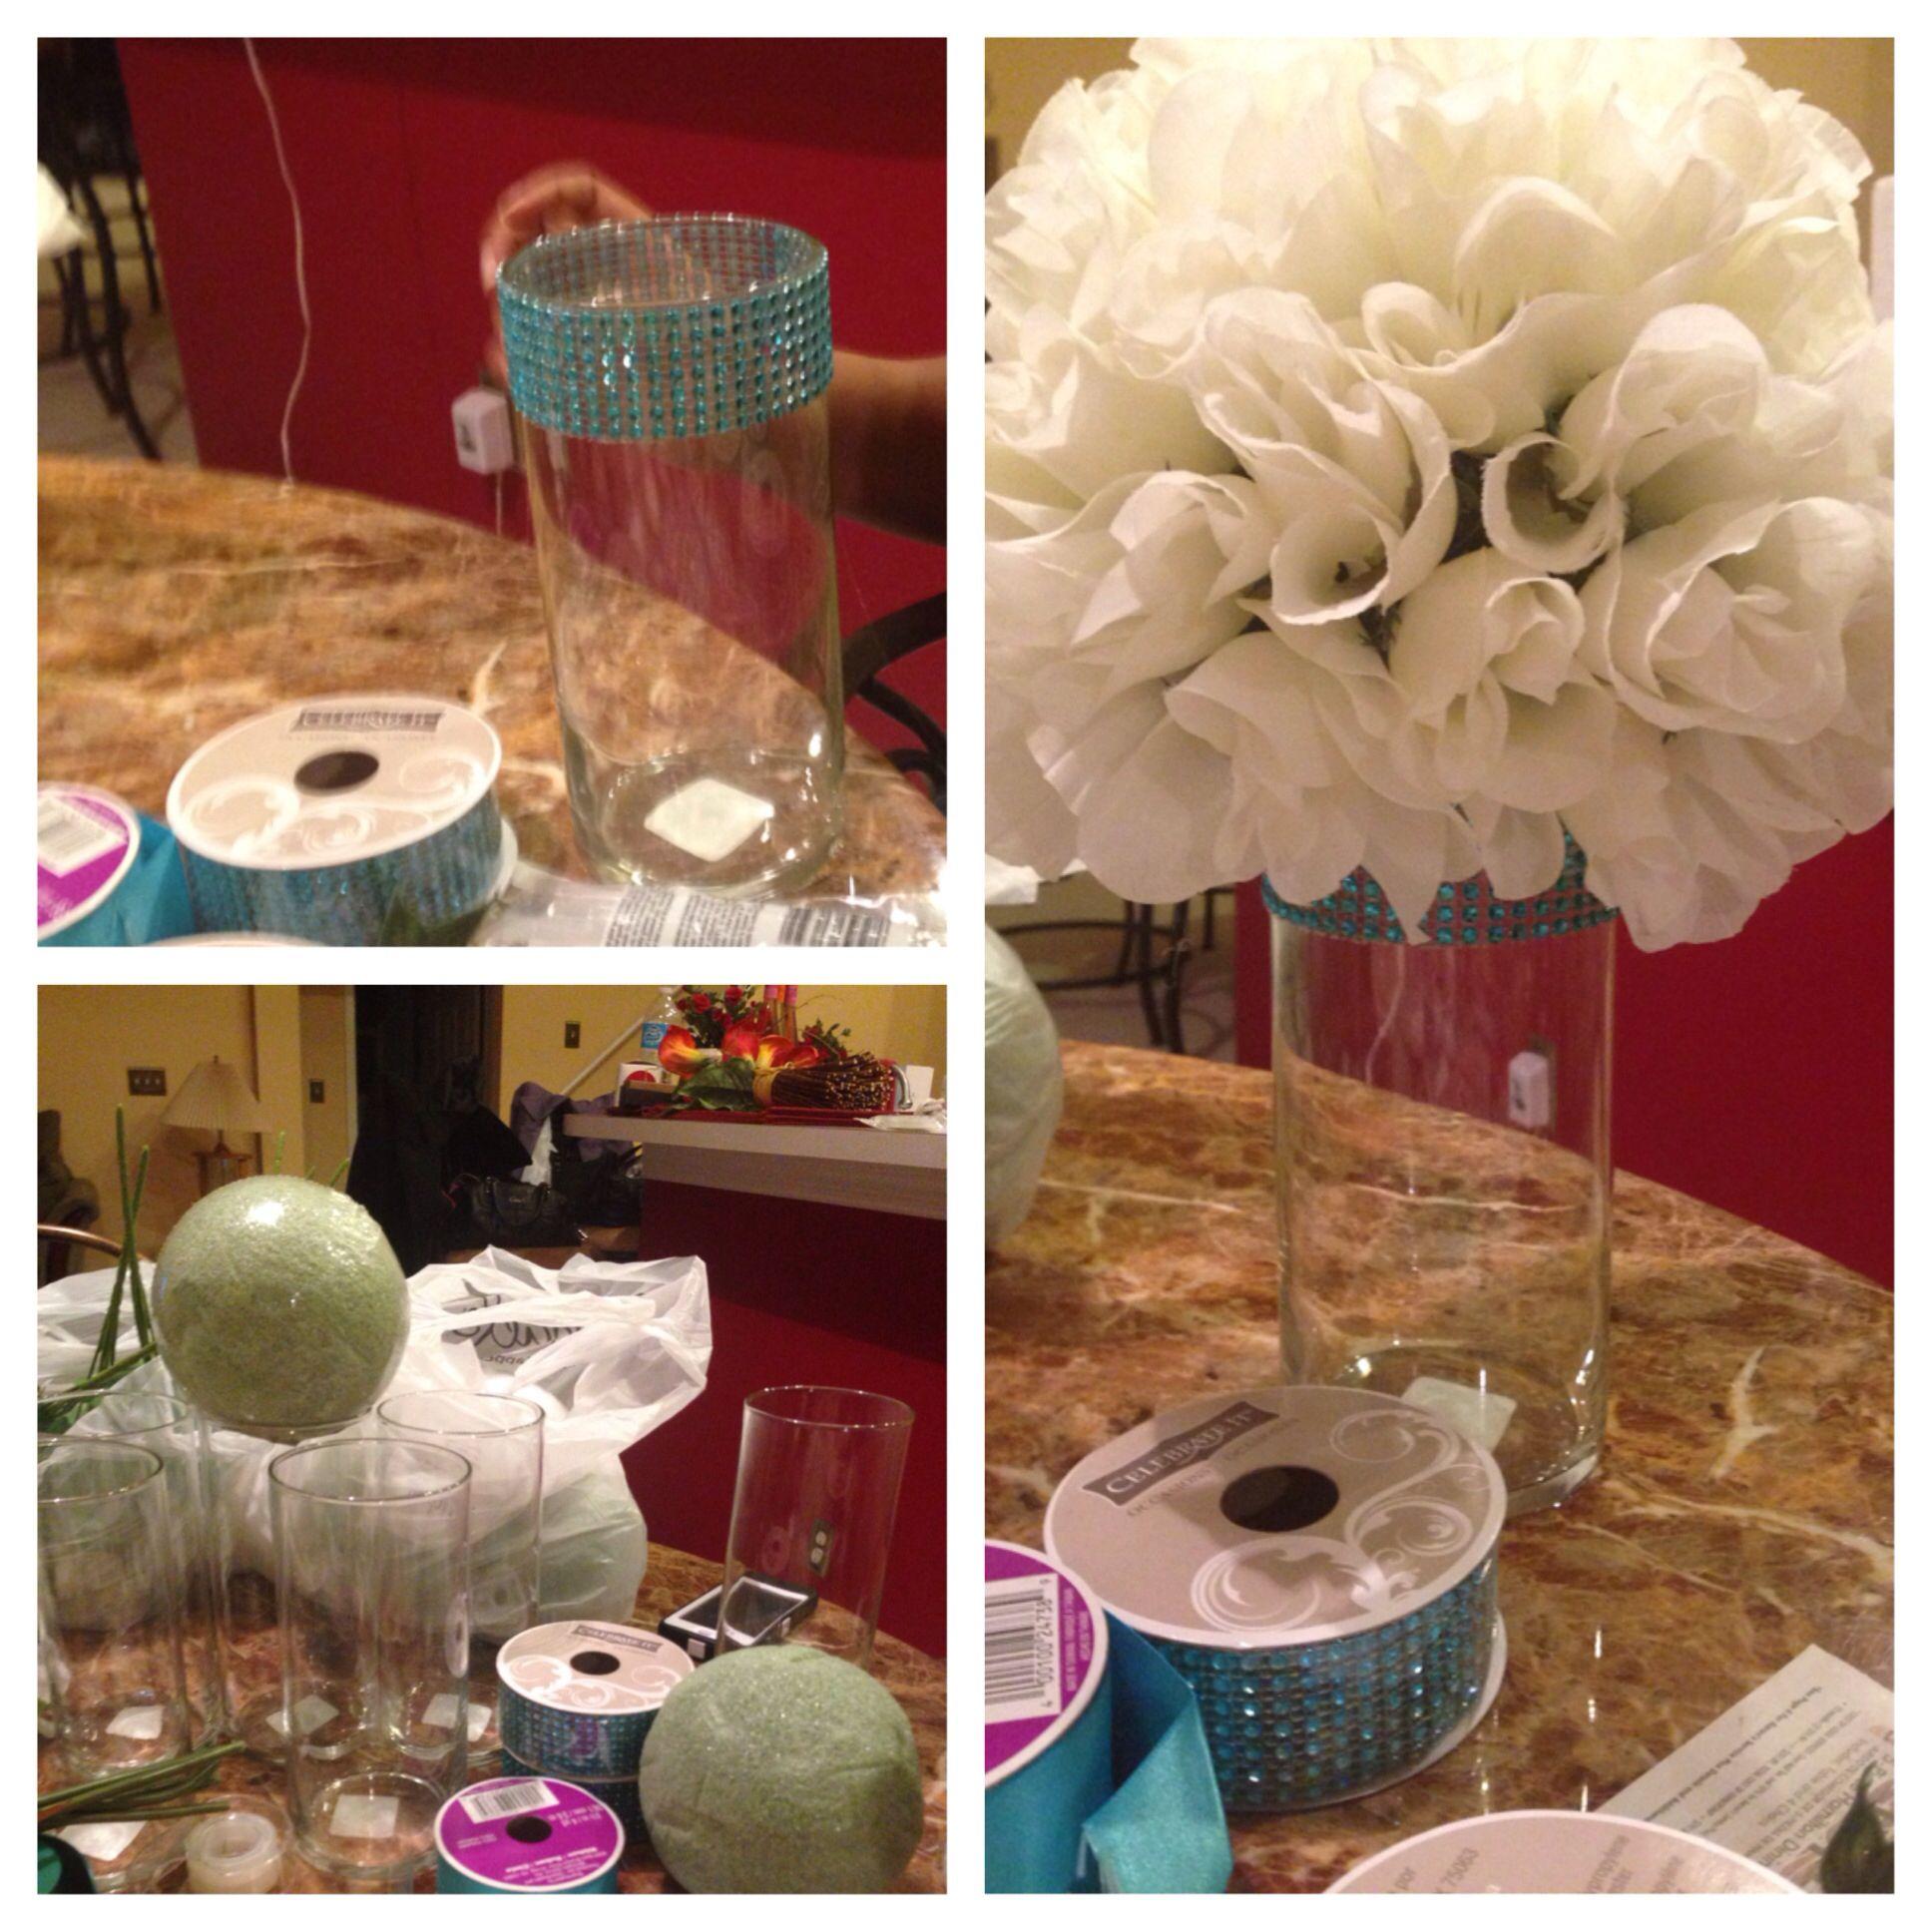 Low Budget Wedding Reception Ideas: Affordable Wedding Reception Decorations. Flowers -Dollar